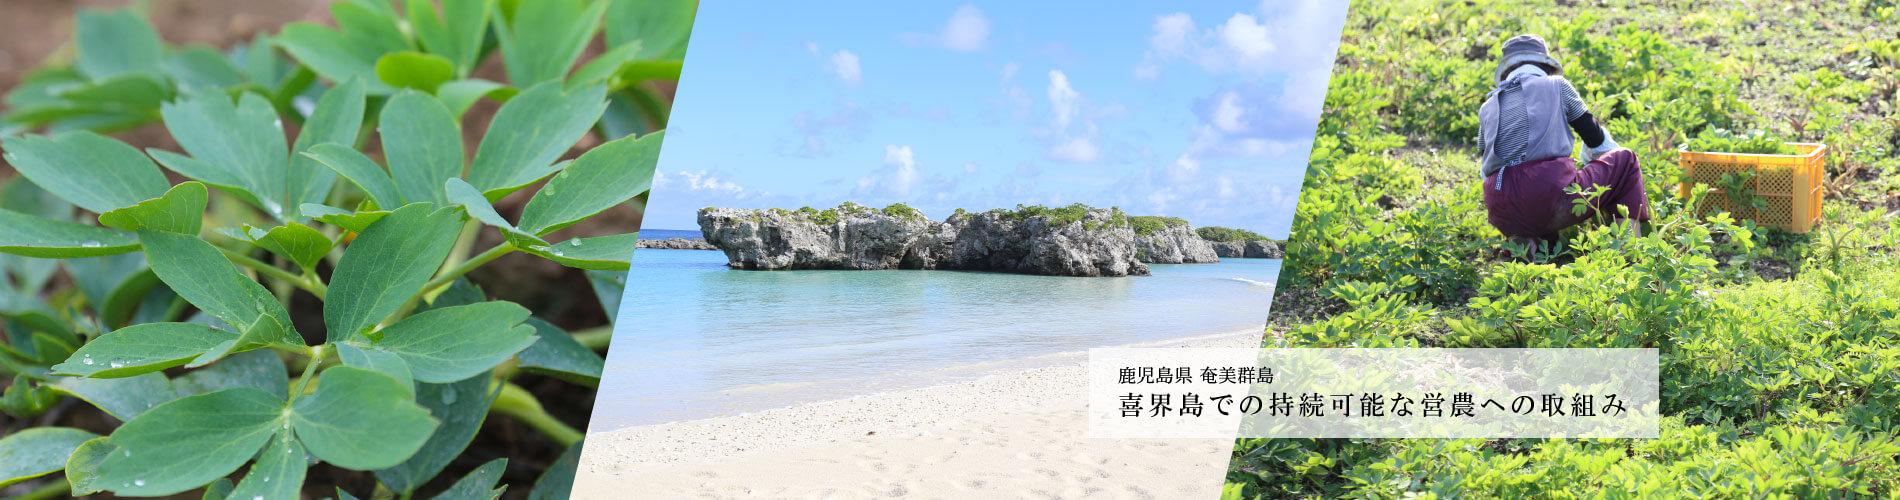 喜界島での持続可能な営農への取り組み